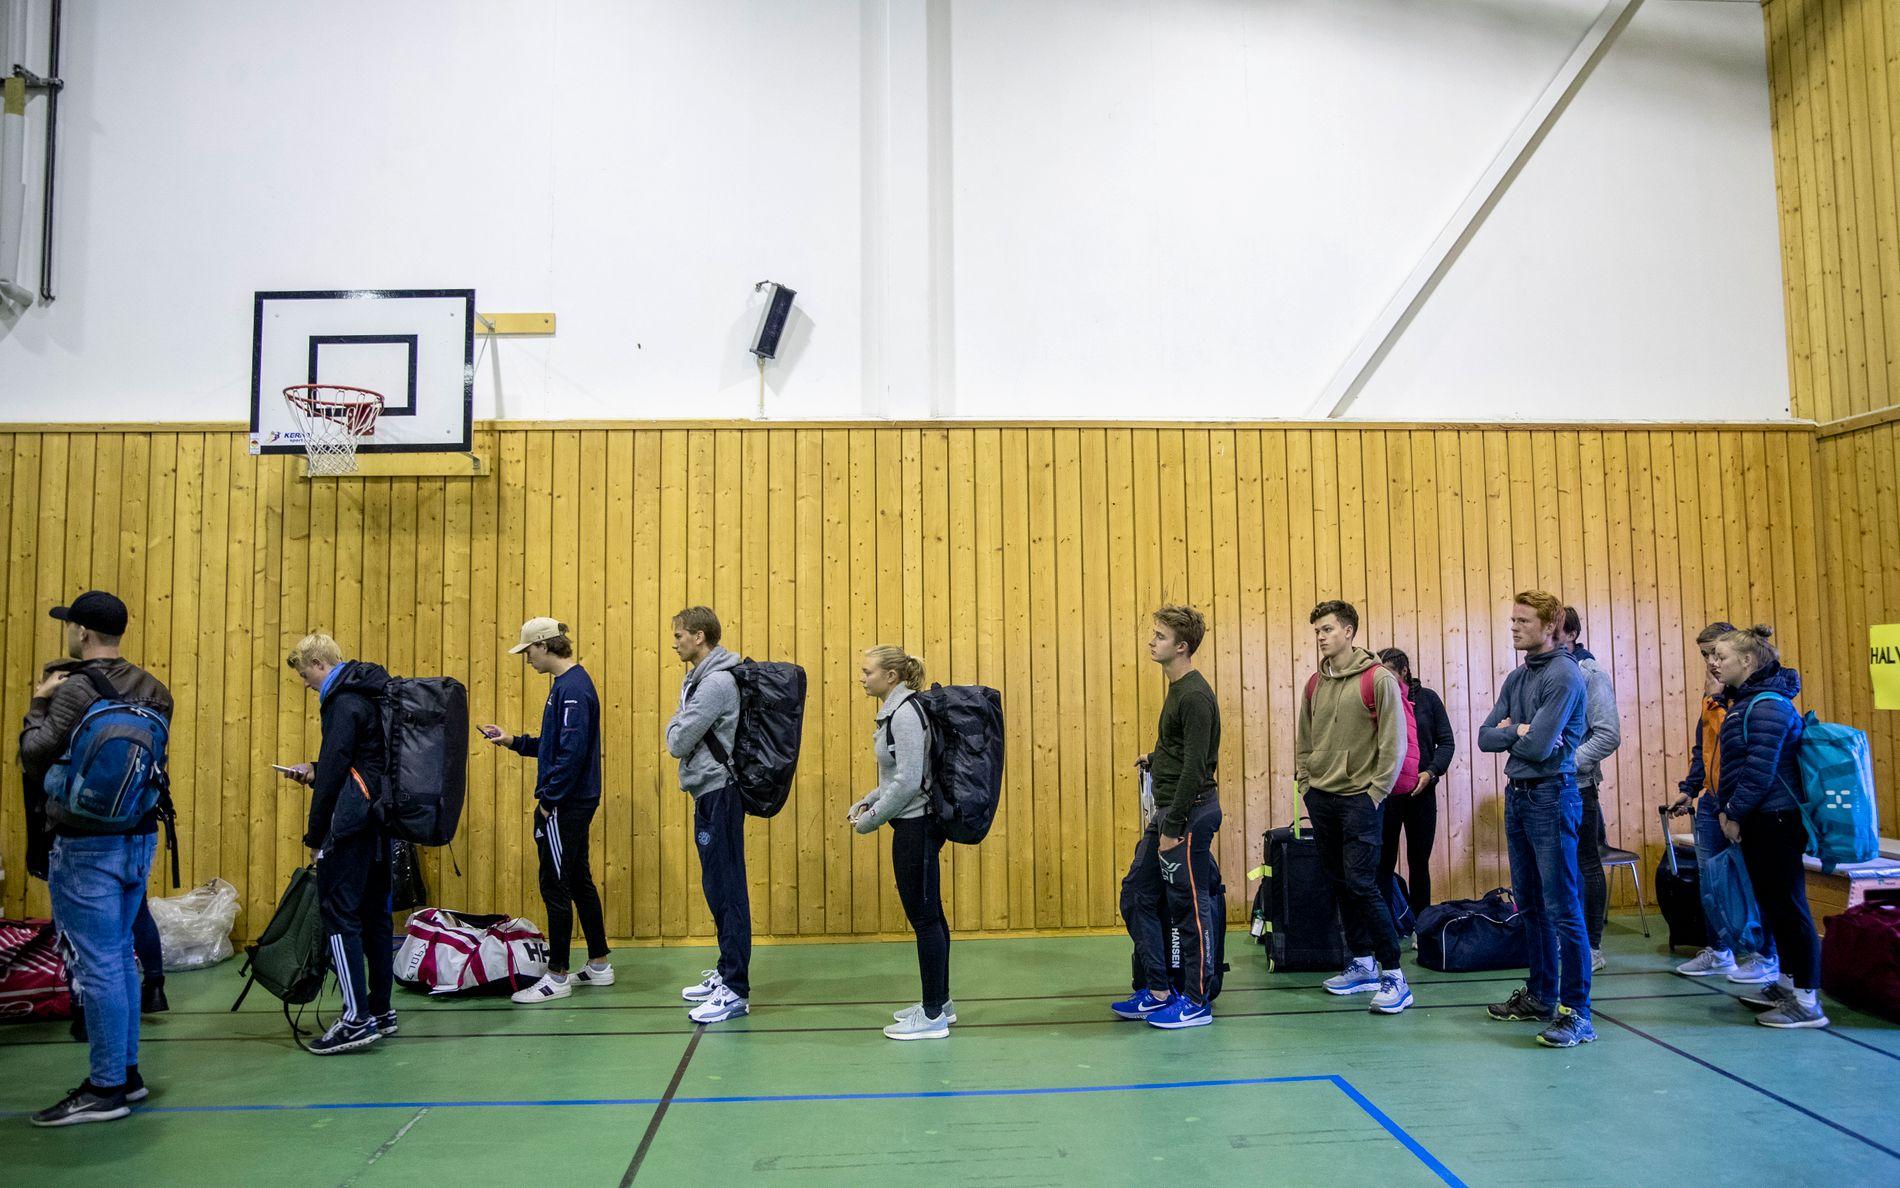 MYE VENTING: Trym Hallingby og Hedda Horn Rønneberg, begge i grått, venter på å registrere seg som oppmøtt på innrykk.